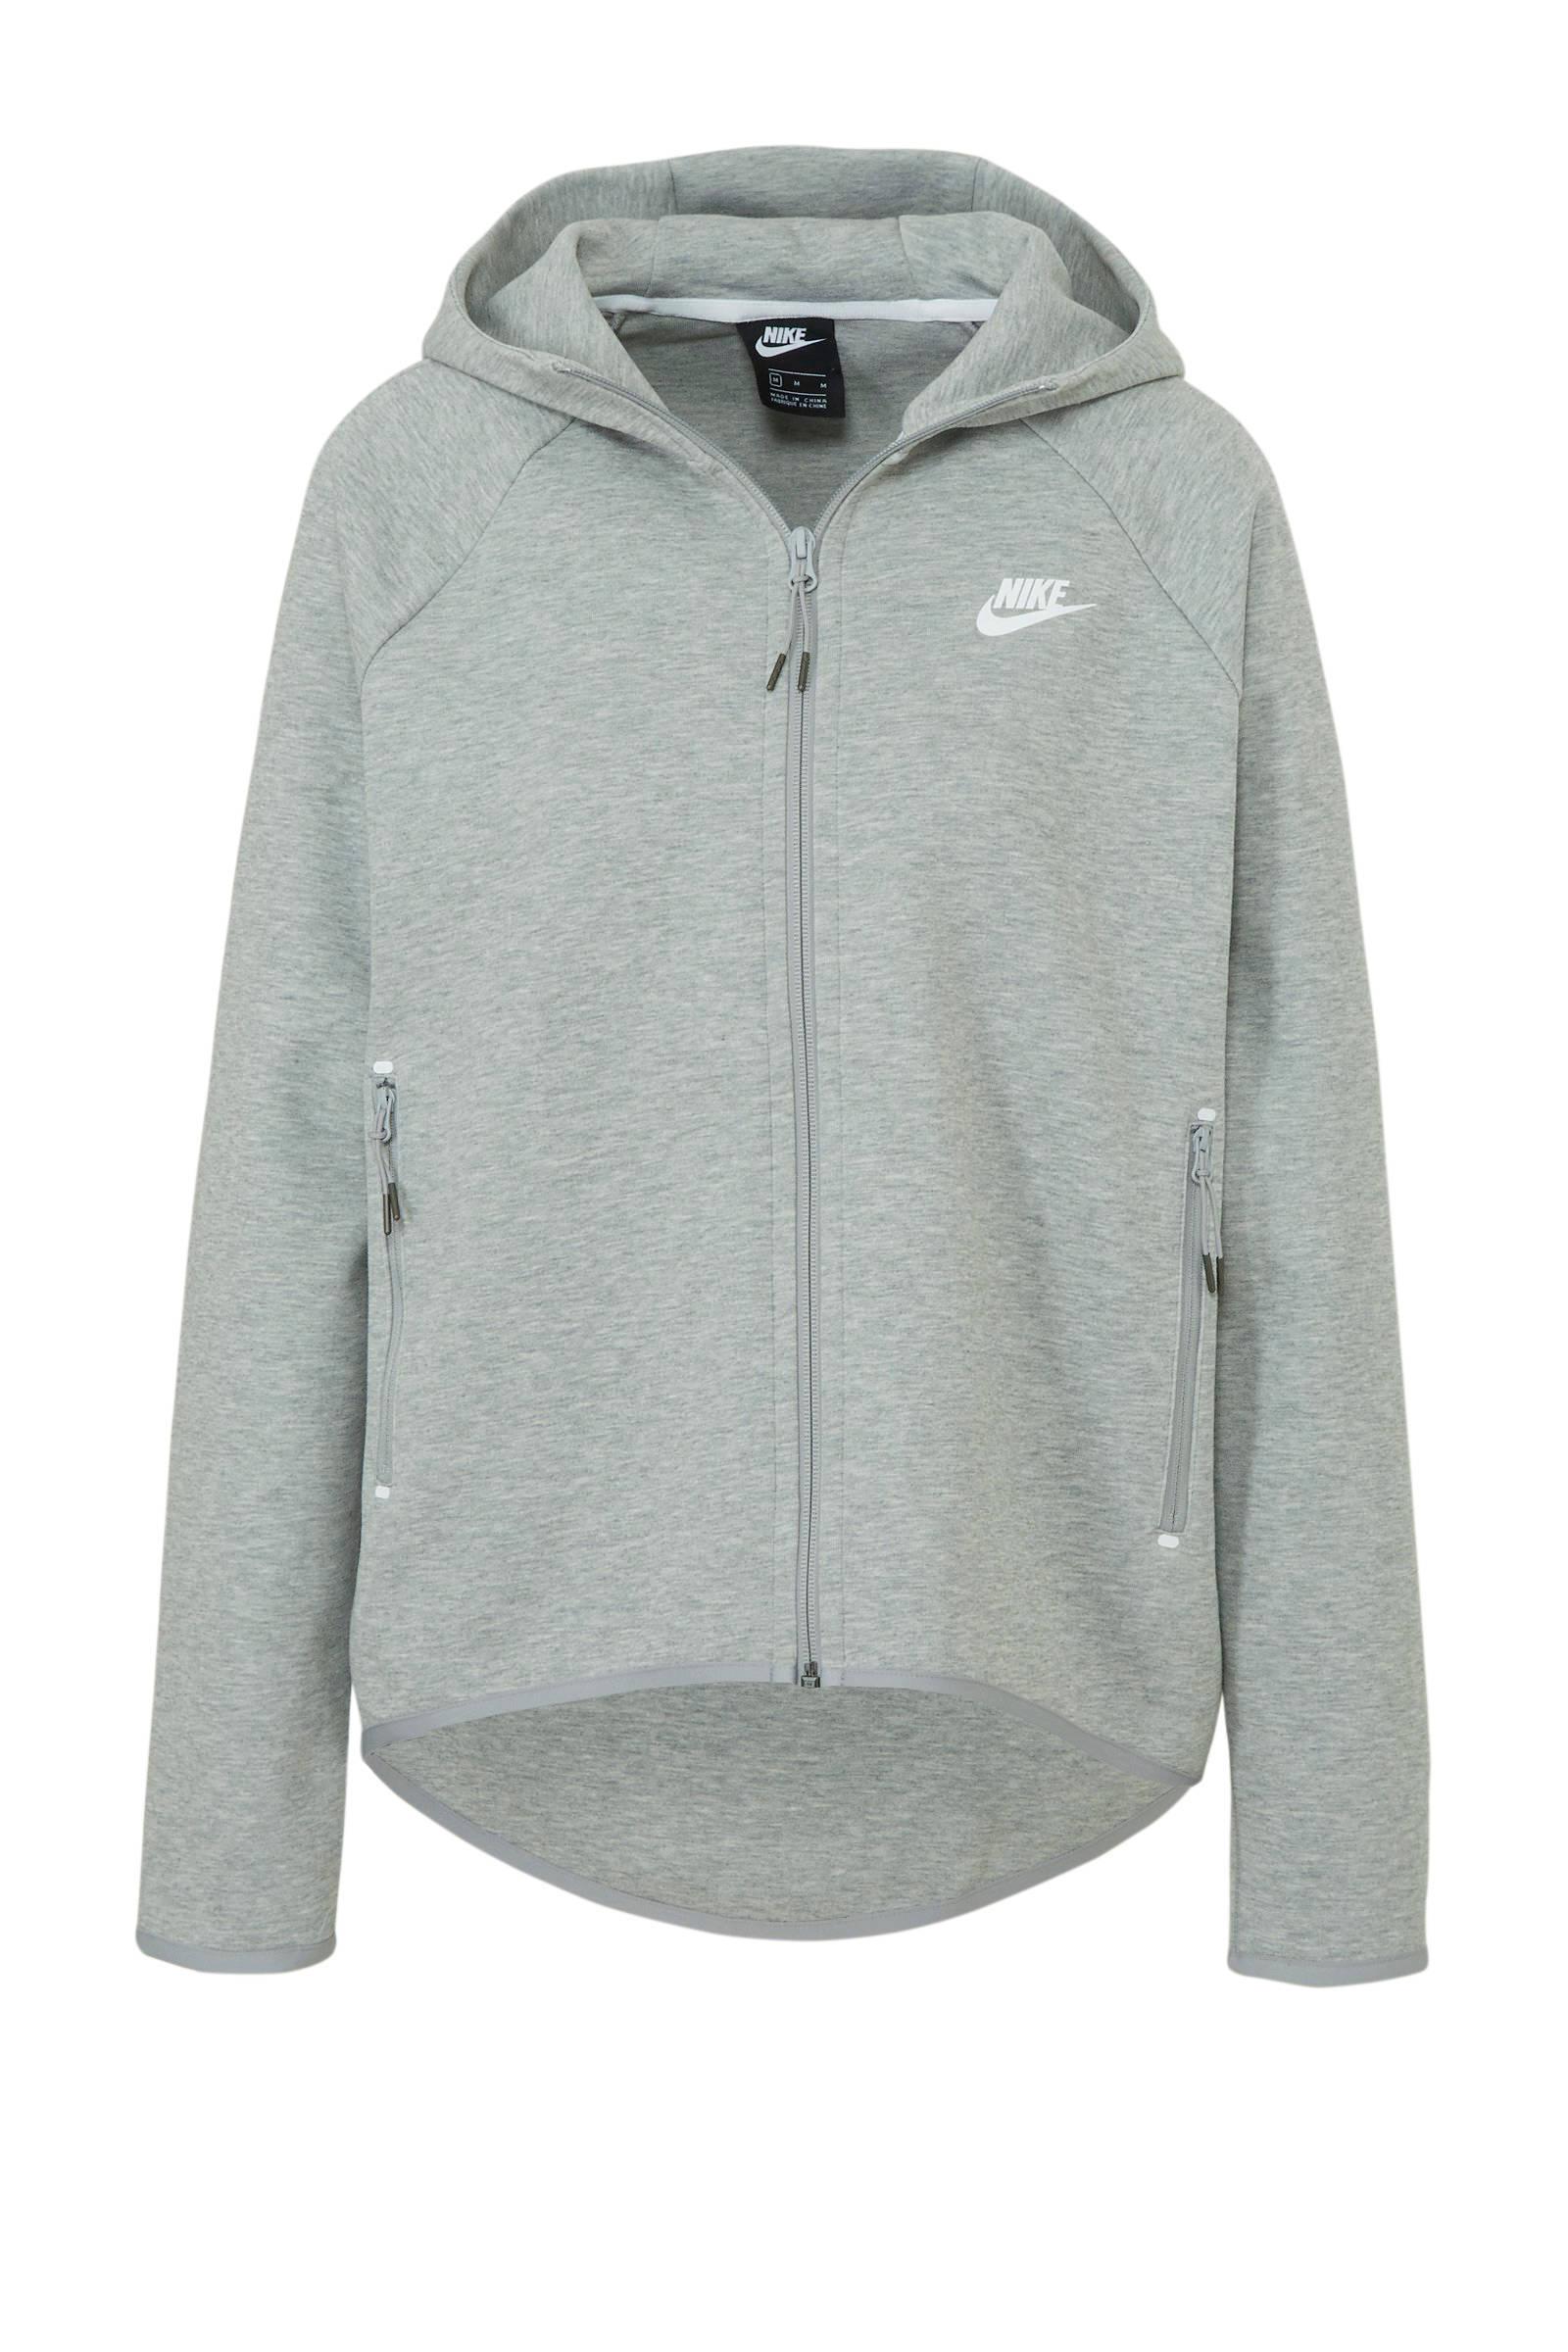 Nike Tech Fleece vest grijs | wehkamp